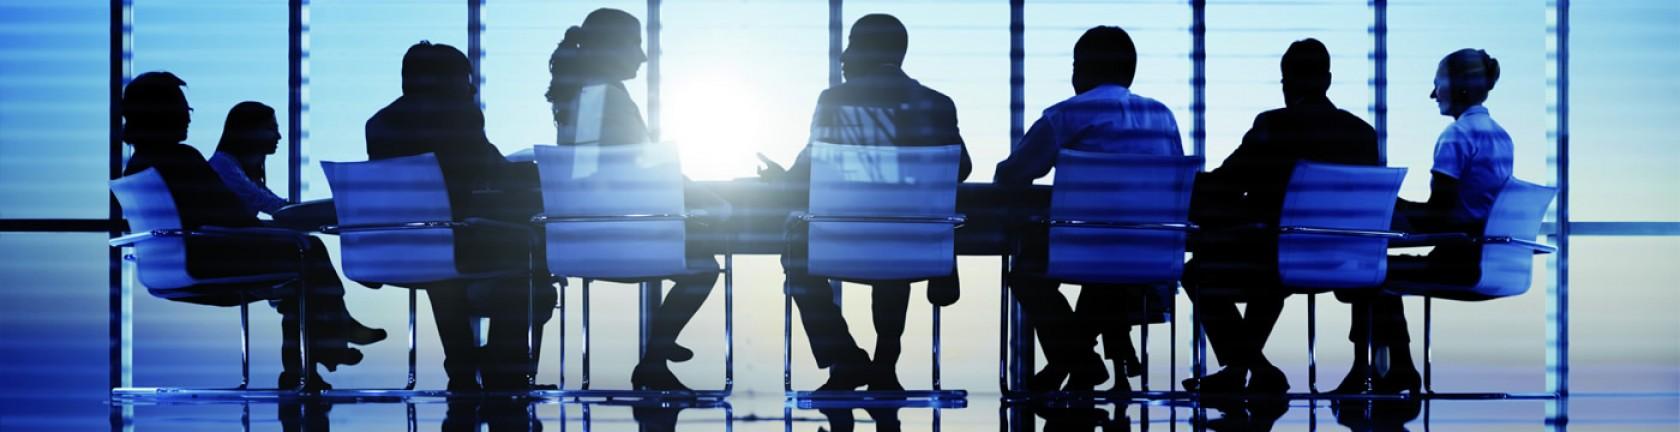 Prise de RDV personnalisé - MBA Communication Publique & Influence EFAP Paris